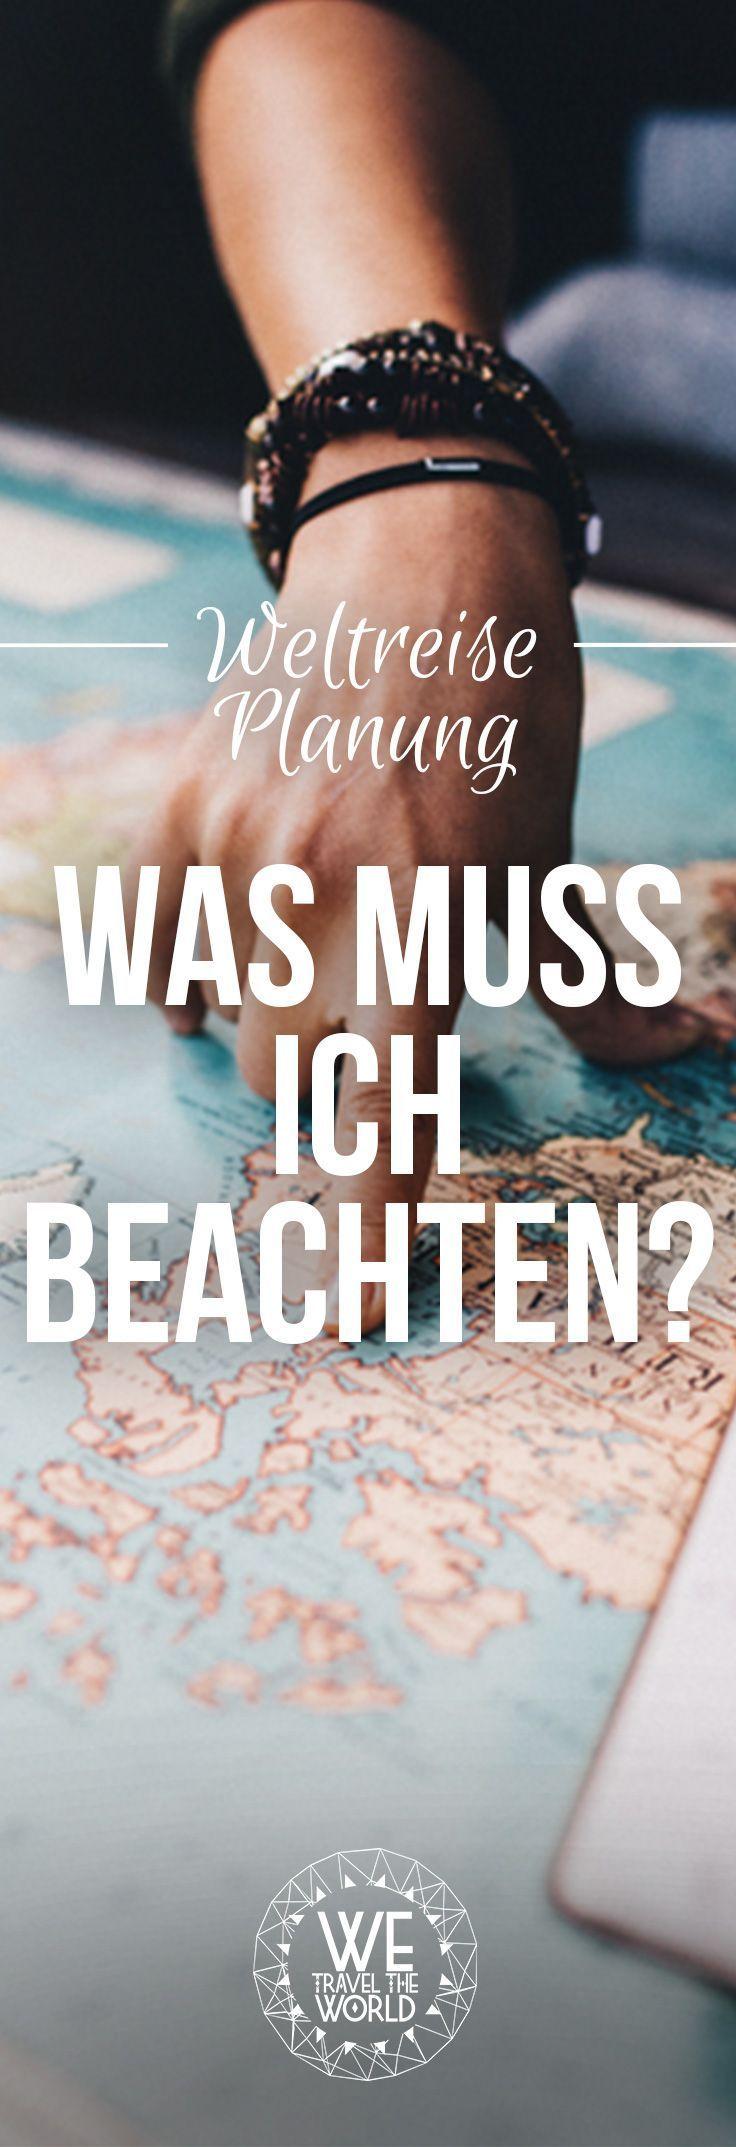 Wie plane ich eine Weltreise? Wir zeigen dir was du bei deiner Weltreise Planung alles beachten musst. #weltreise #reiseplanung #reisetipps Bild: shutterstock https://shutr.bz/2jBsjIP